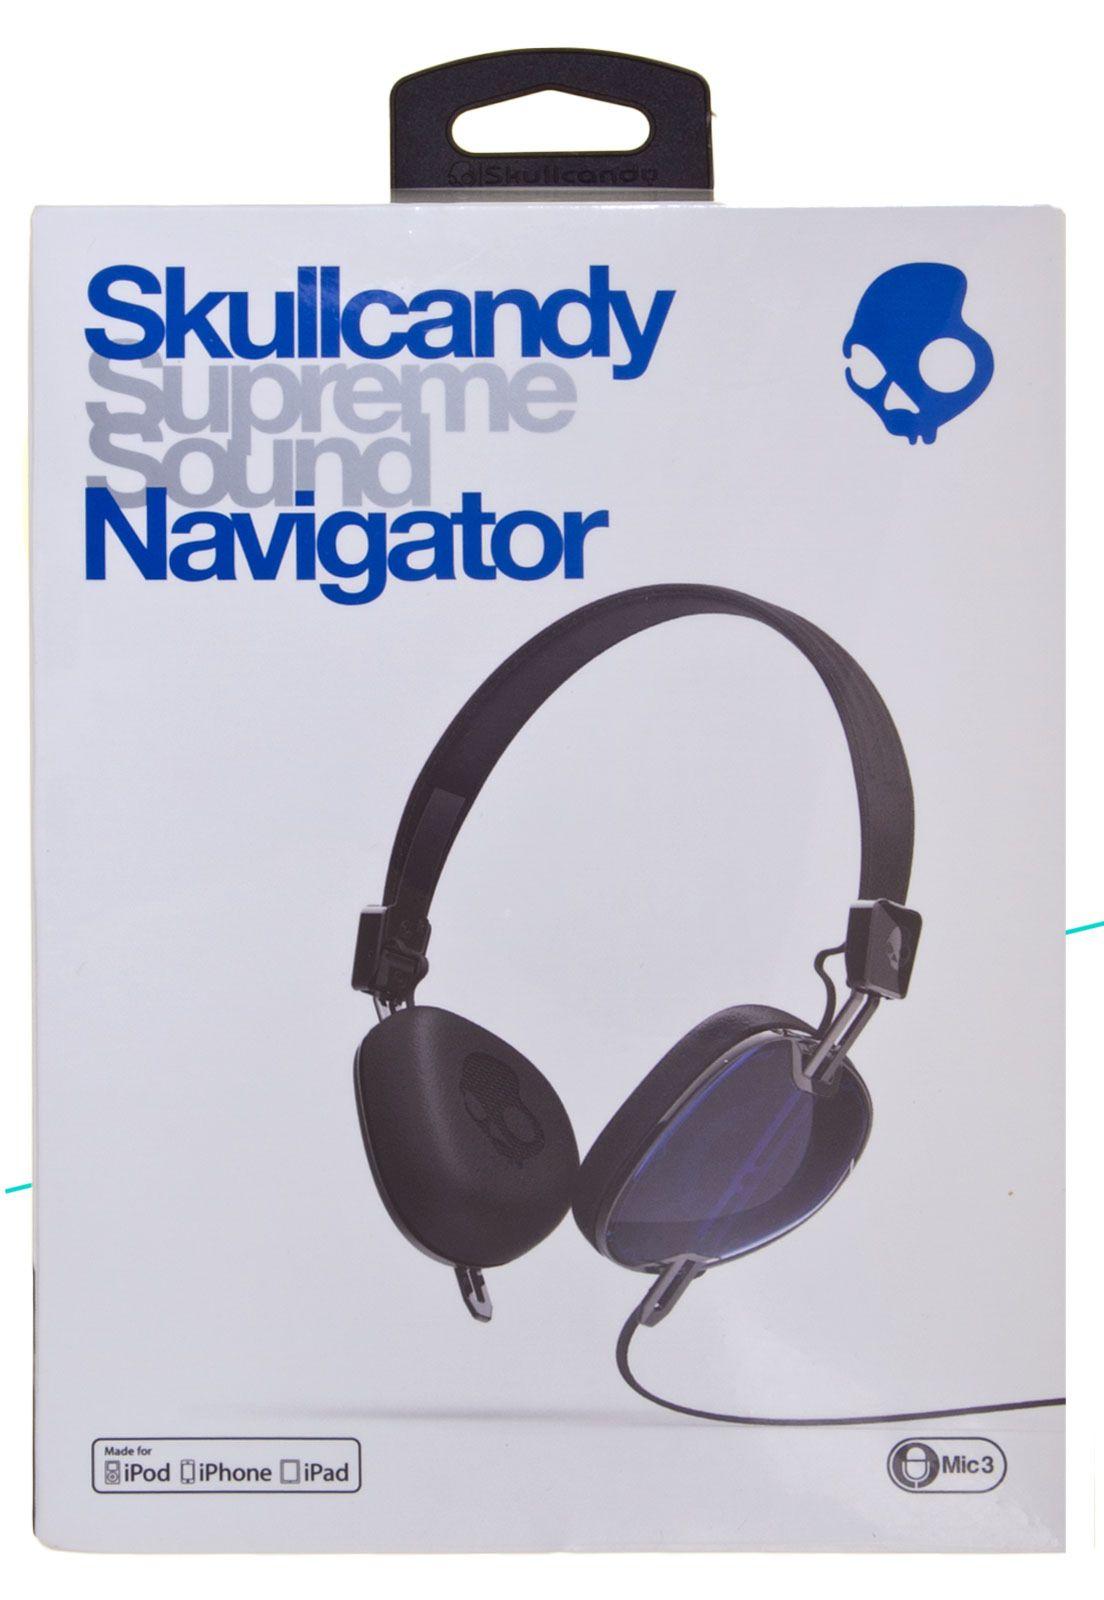 Fone de ouvido Skullcandy Navigator S5AVFM 289 Azul é na Foneland